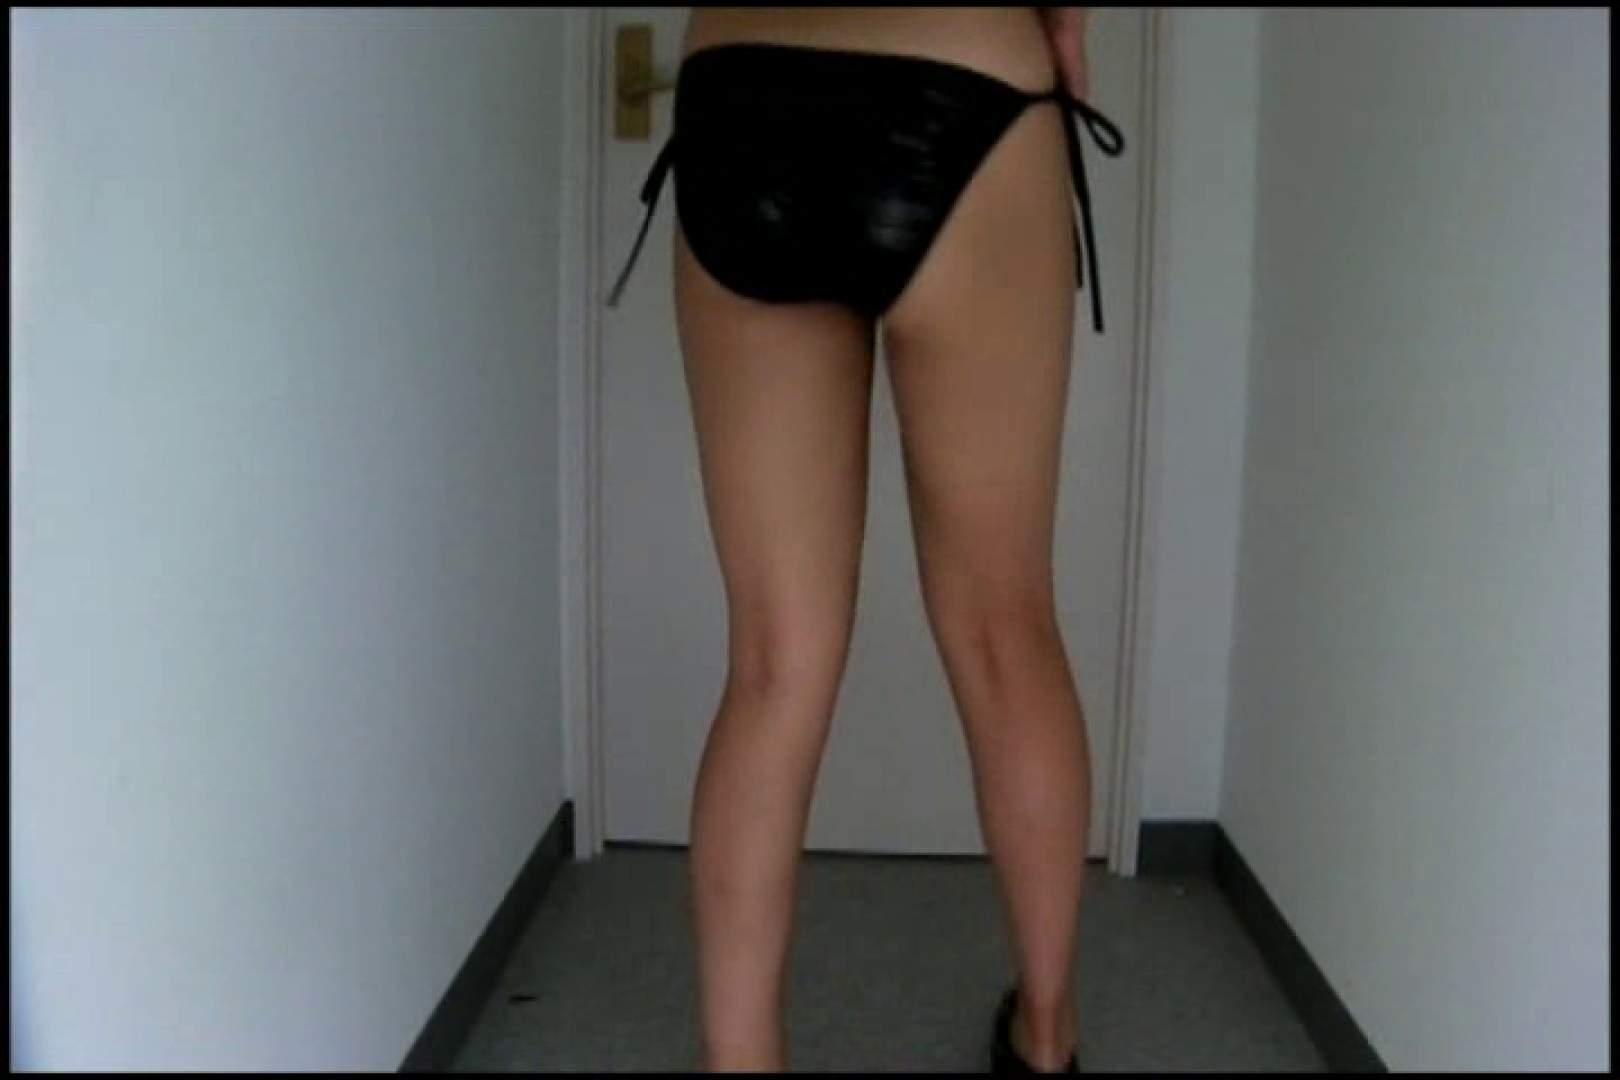 和式にまたがる女たちを待ちうけるカメラの衝撃映像vol.02 OLセックス 盗み撮りAV無料動画キャプチャ 83画像 74